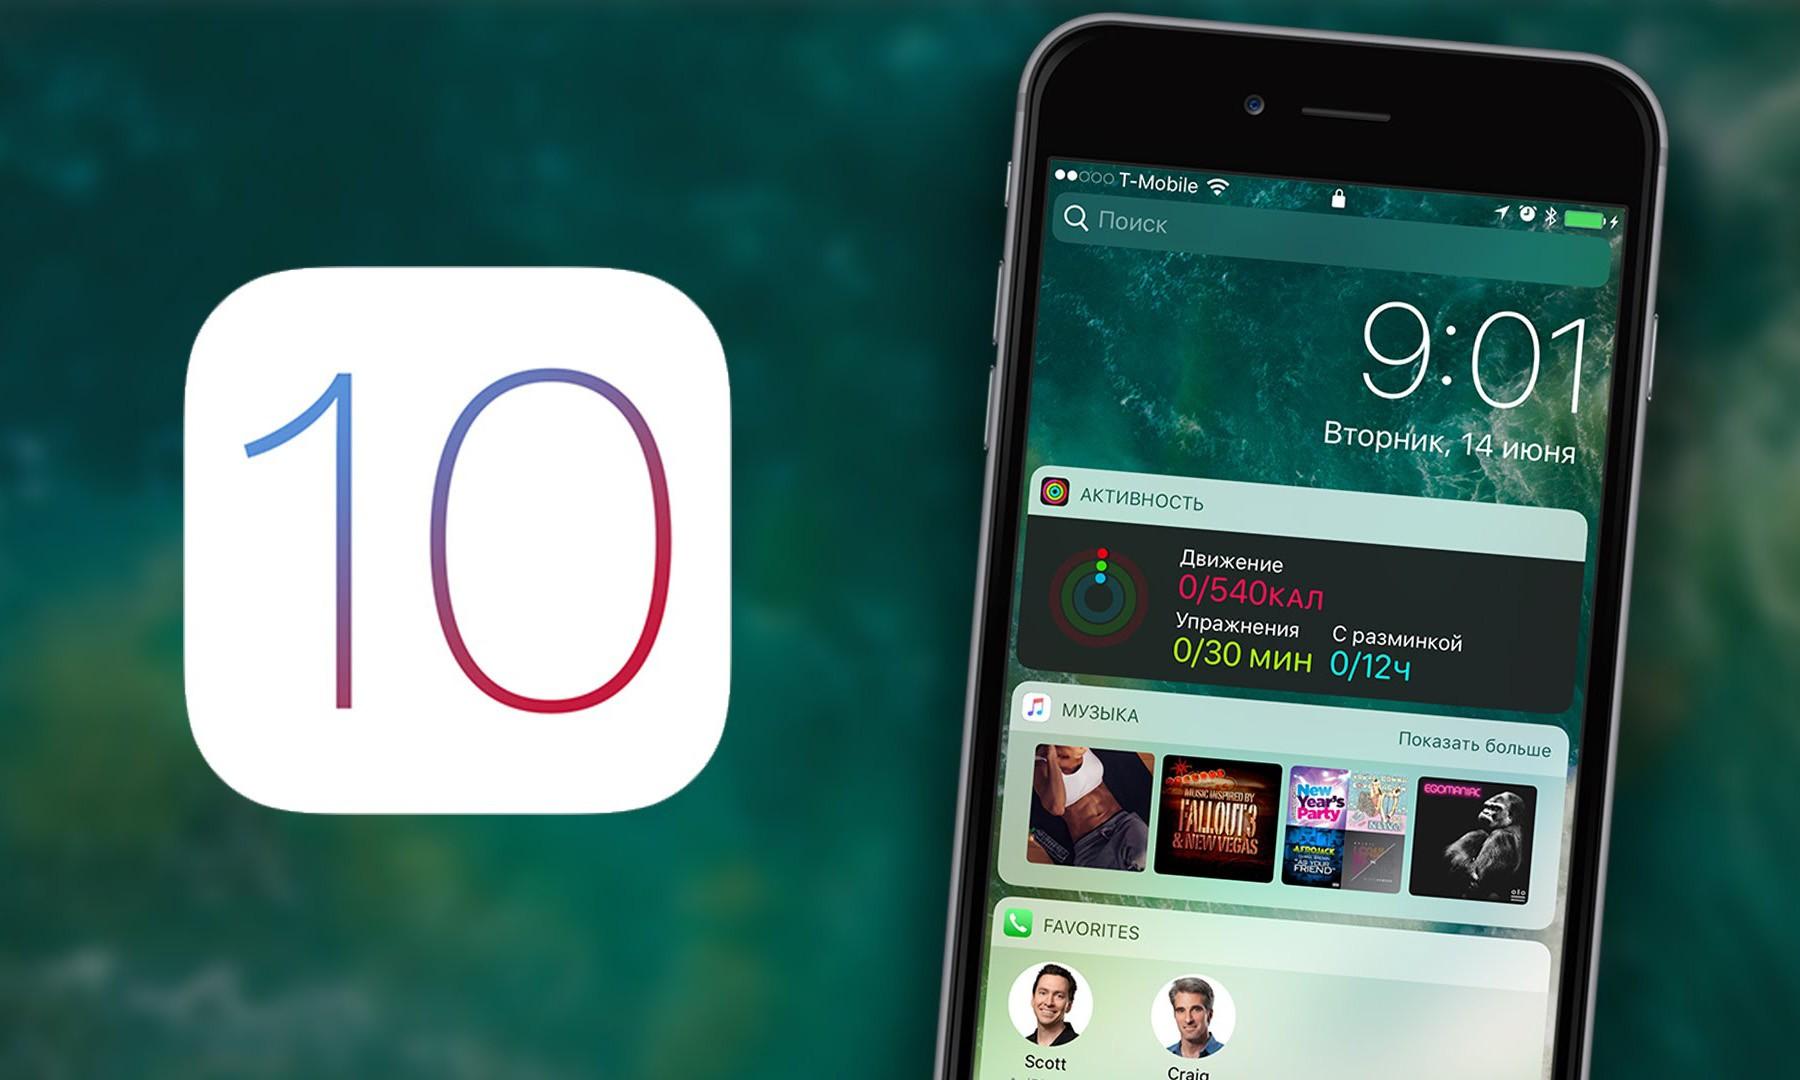 Колку телефони и таблети инсталираа iOS 10?